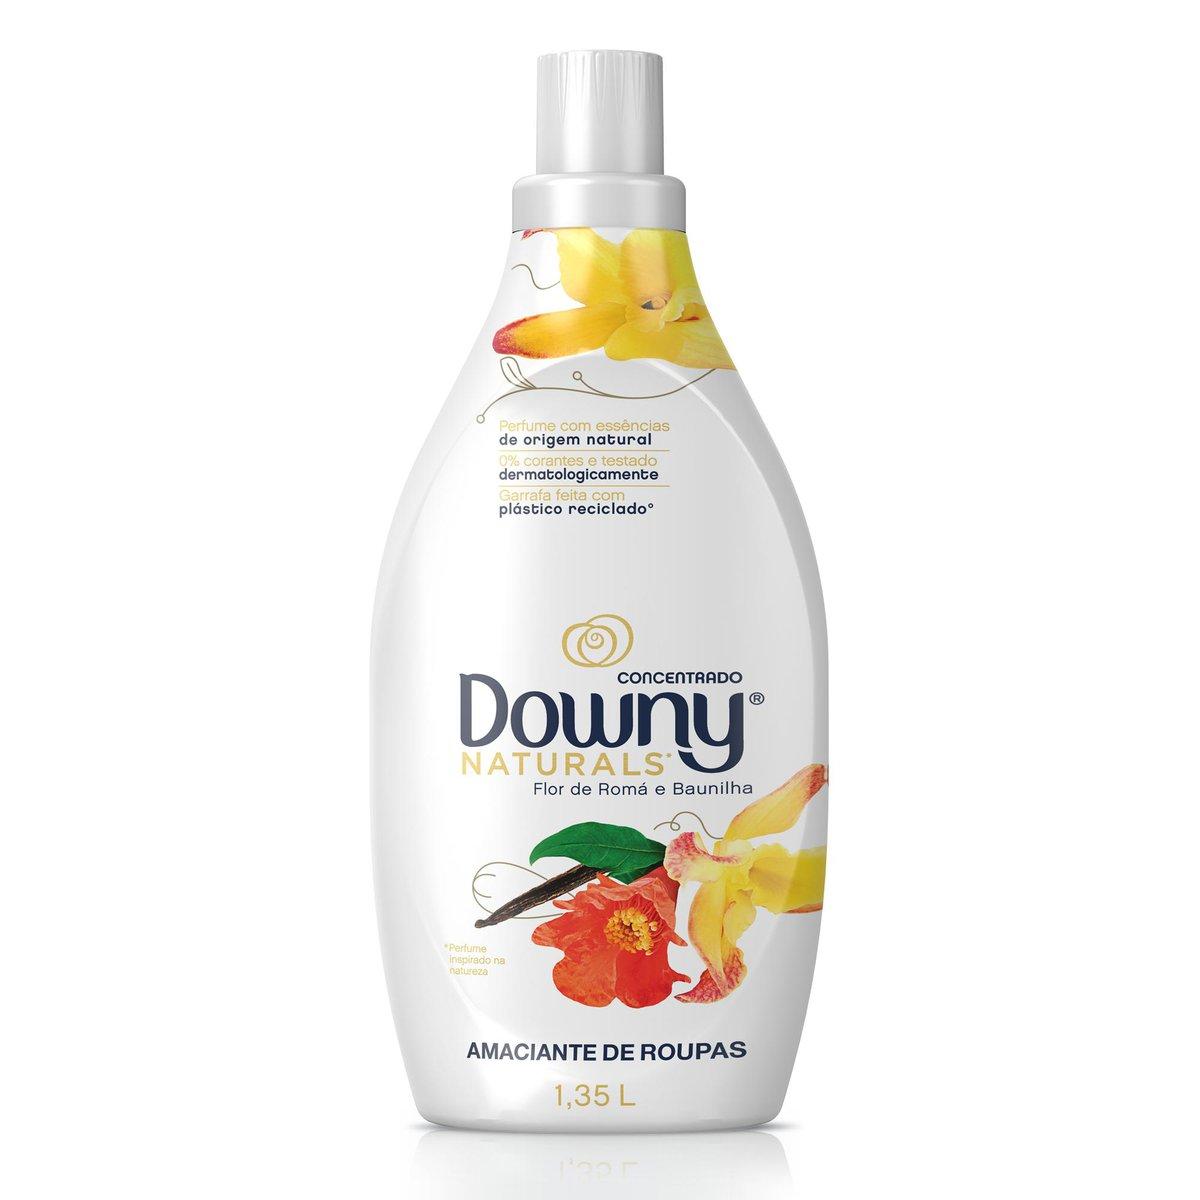 Amaciante Downy Concentrado Naturals Flor de Romã e Baunilha 1,35L